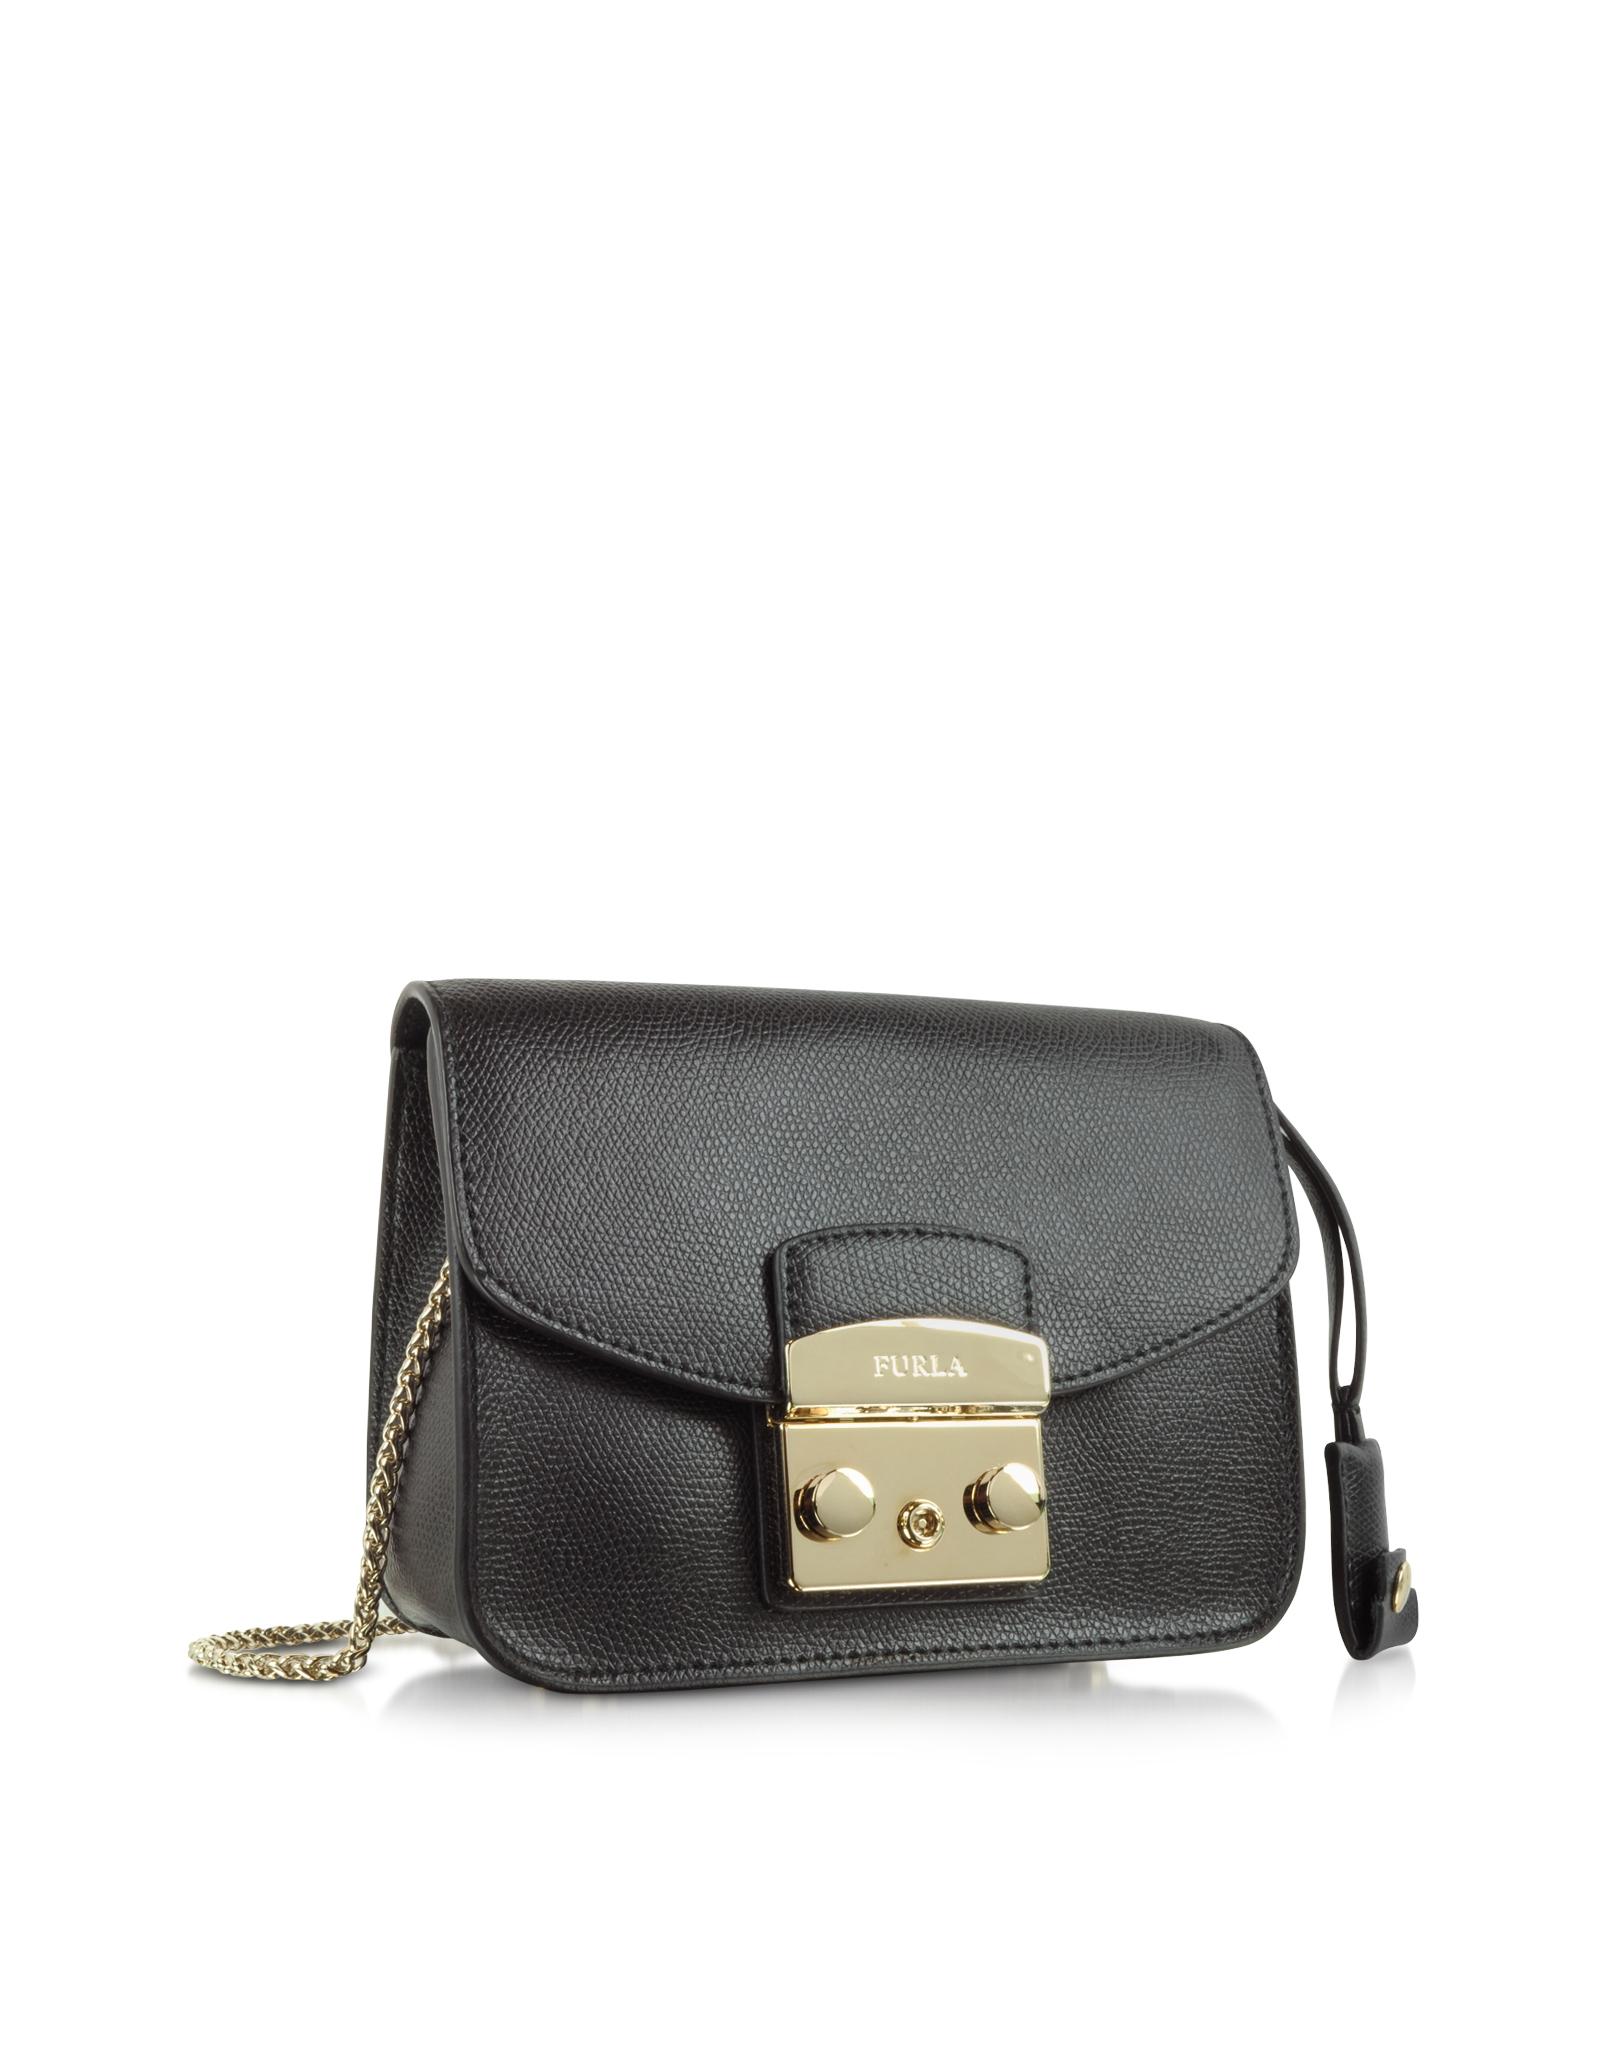 Lyst Furla Metropolis Mini Crossbody Bag In Black Save View Fullscreen